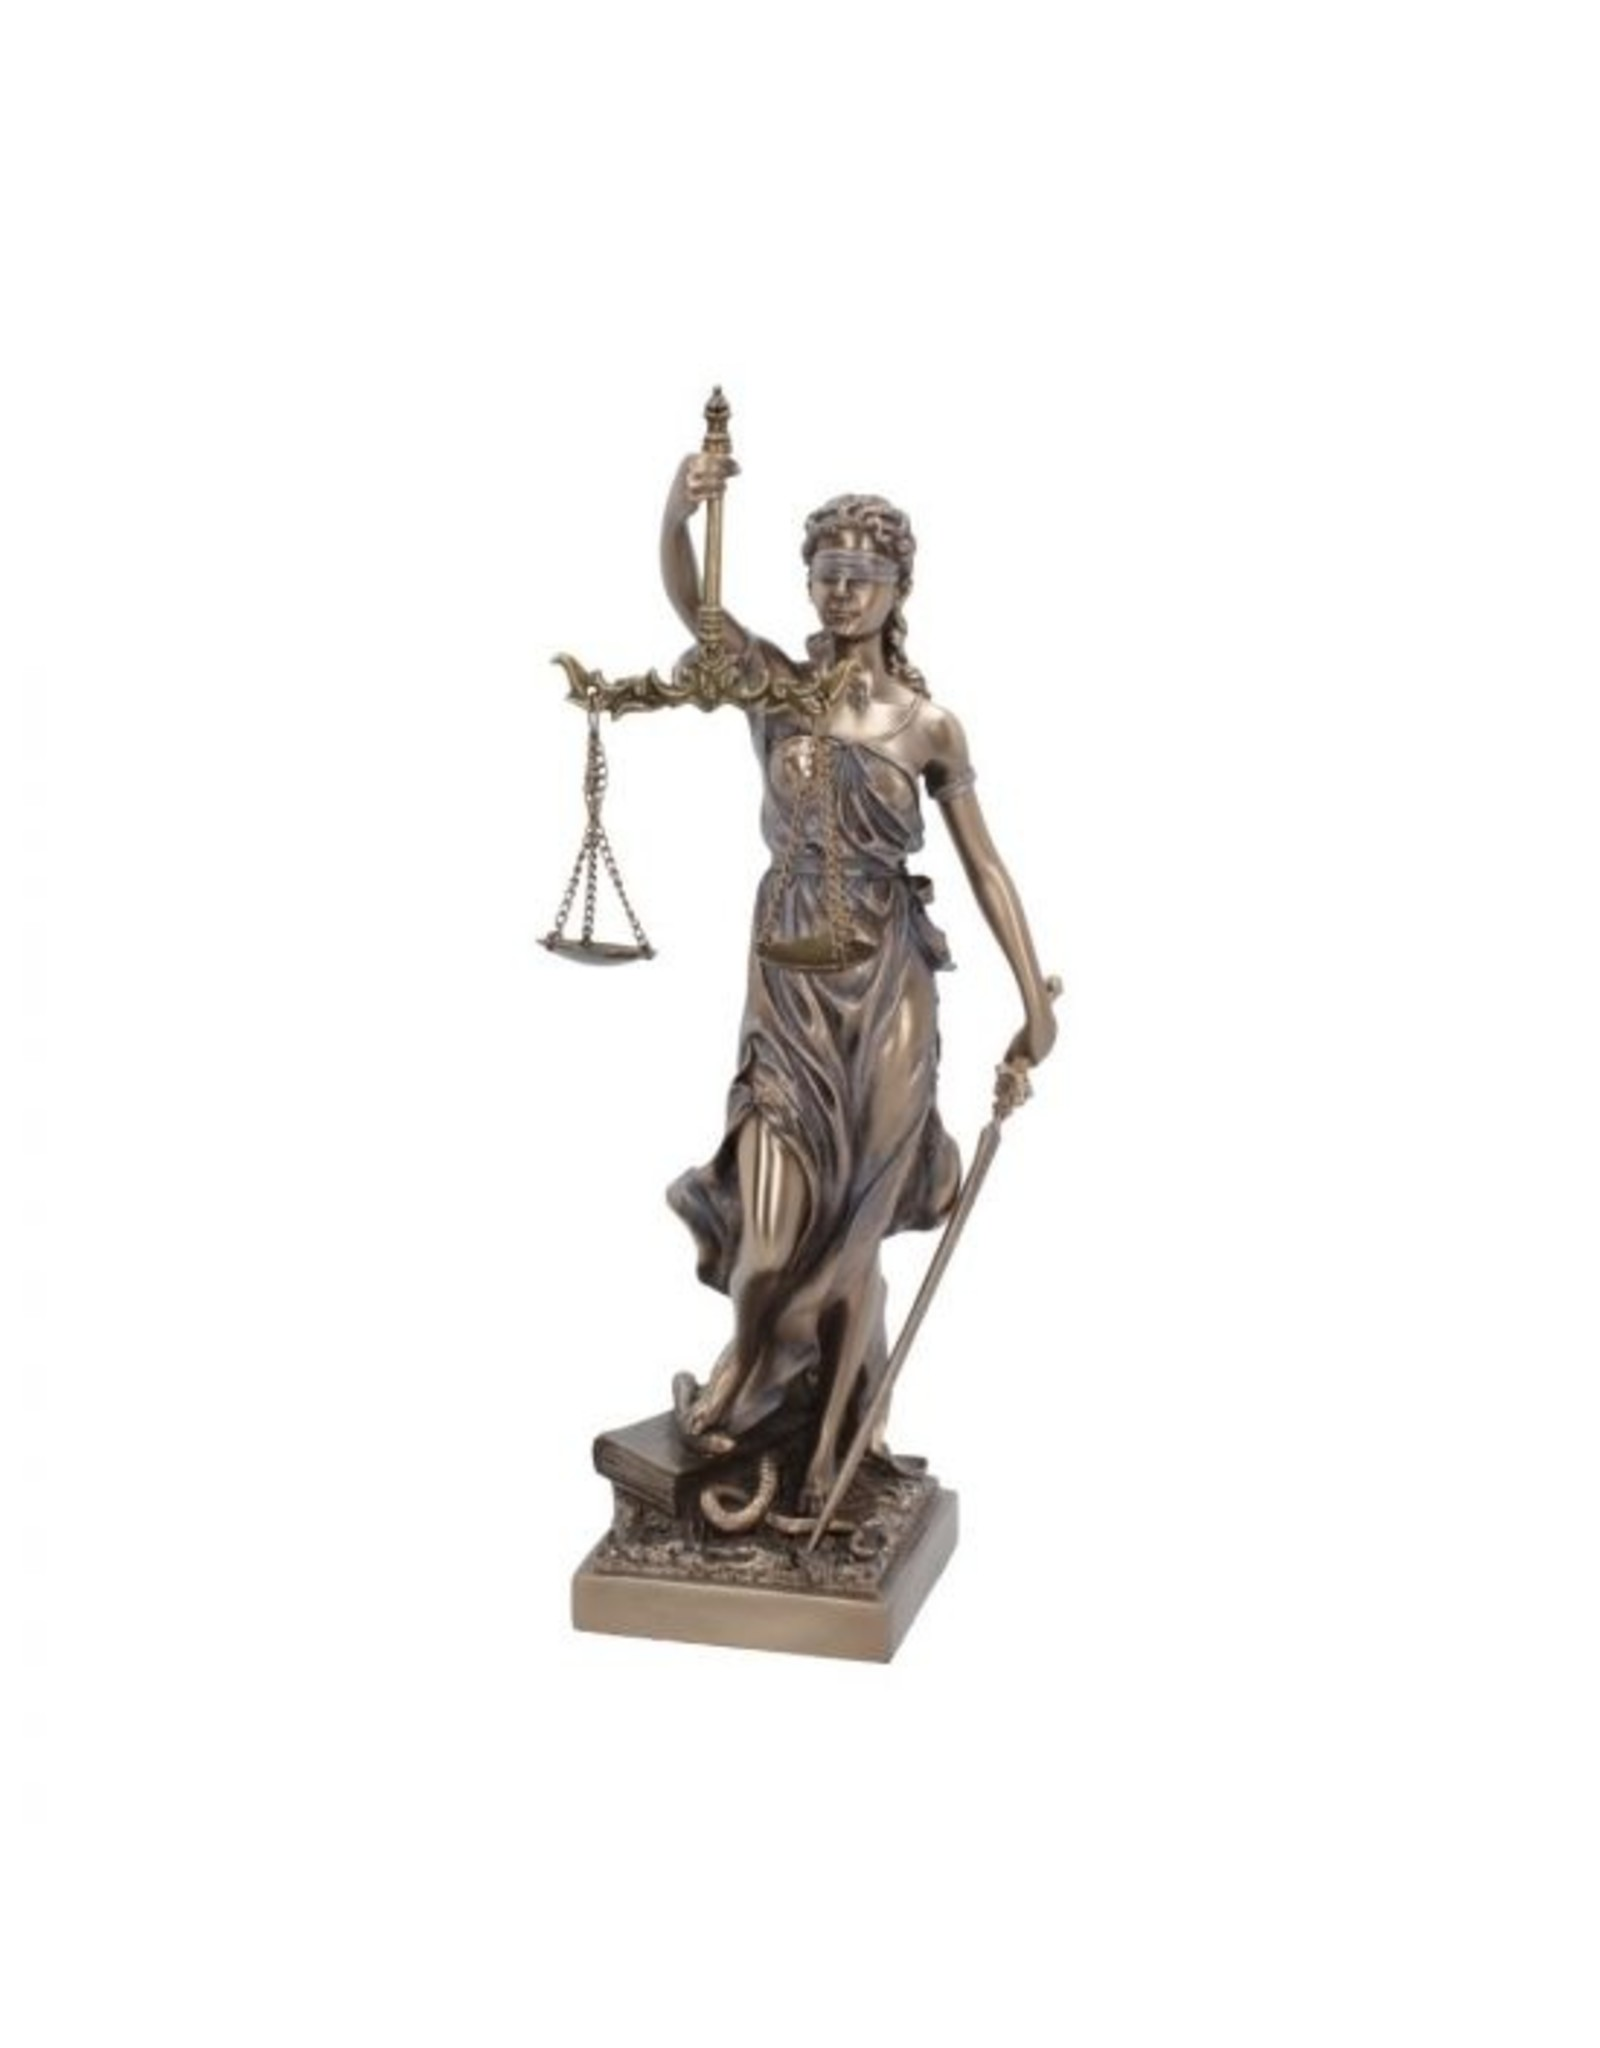 La Justicia Figur 33 cm